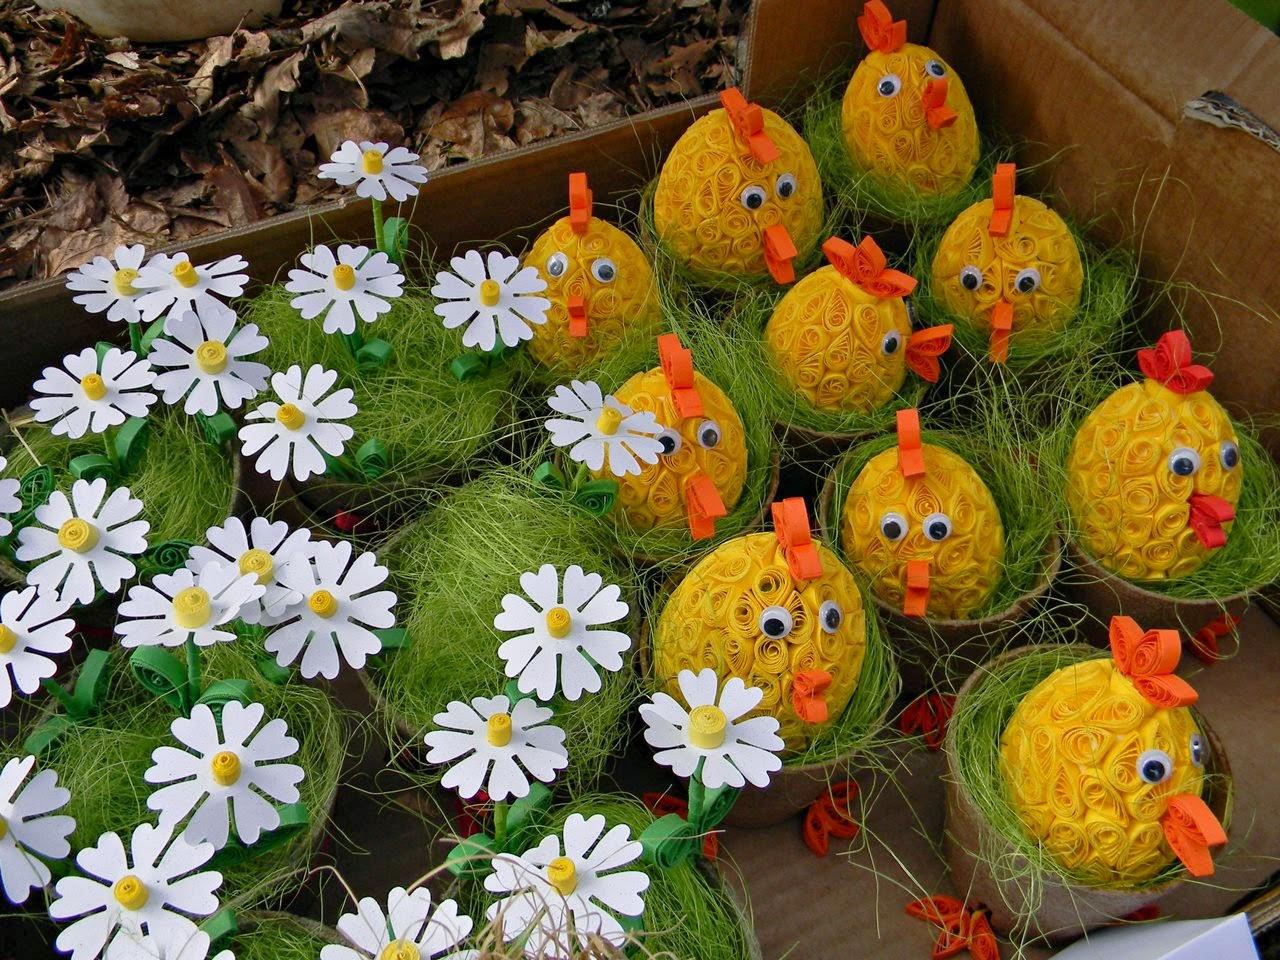 rękodzieło, quilling, kwiaty, jarmark, Wielkanoc